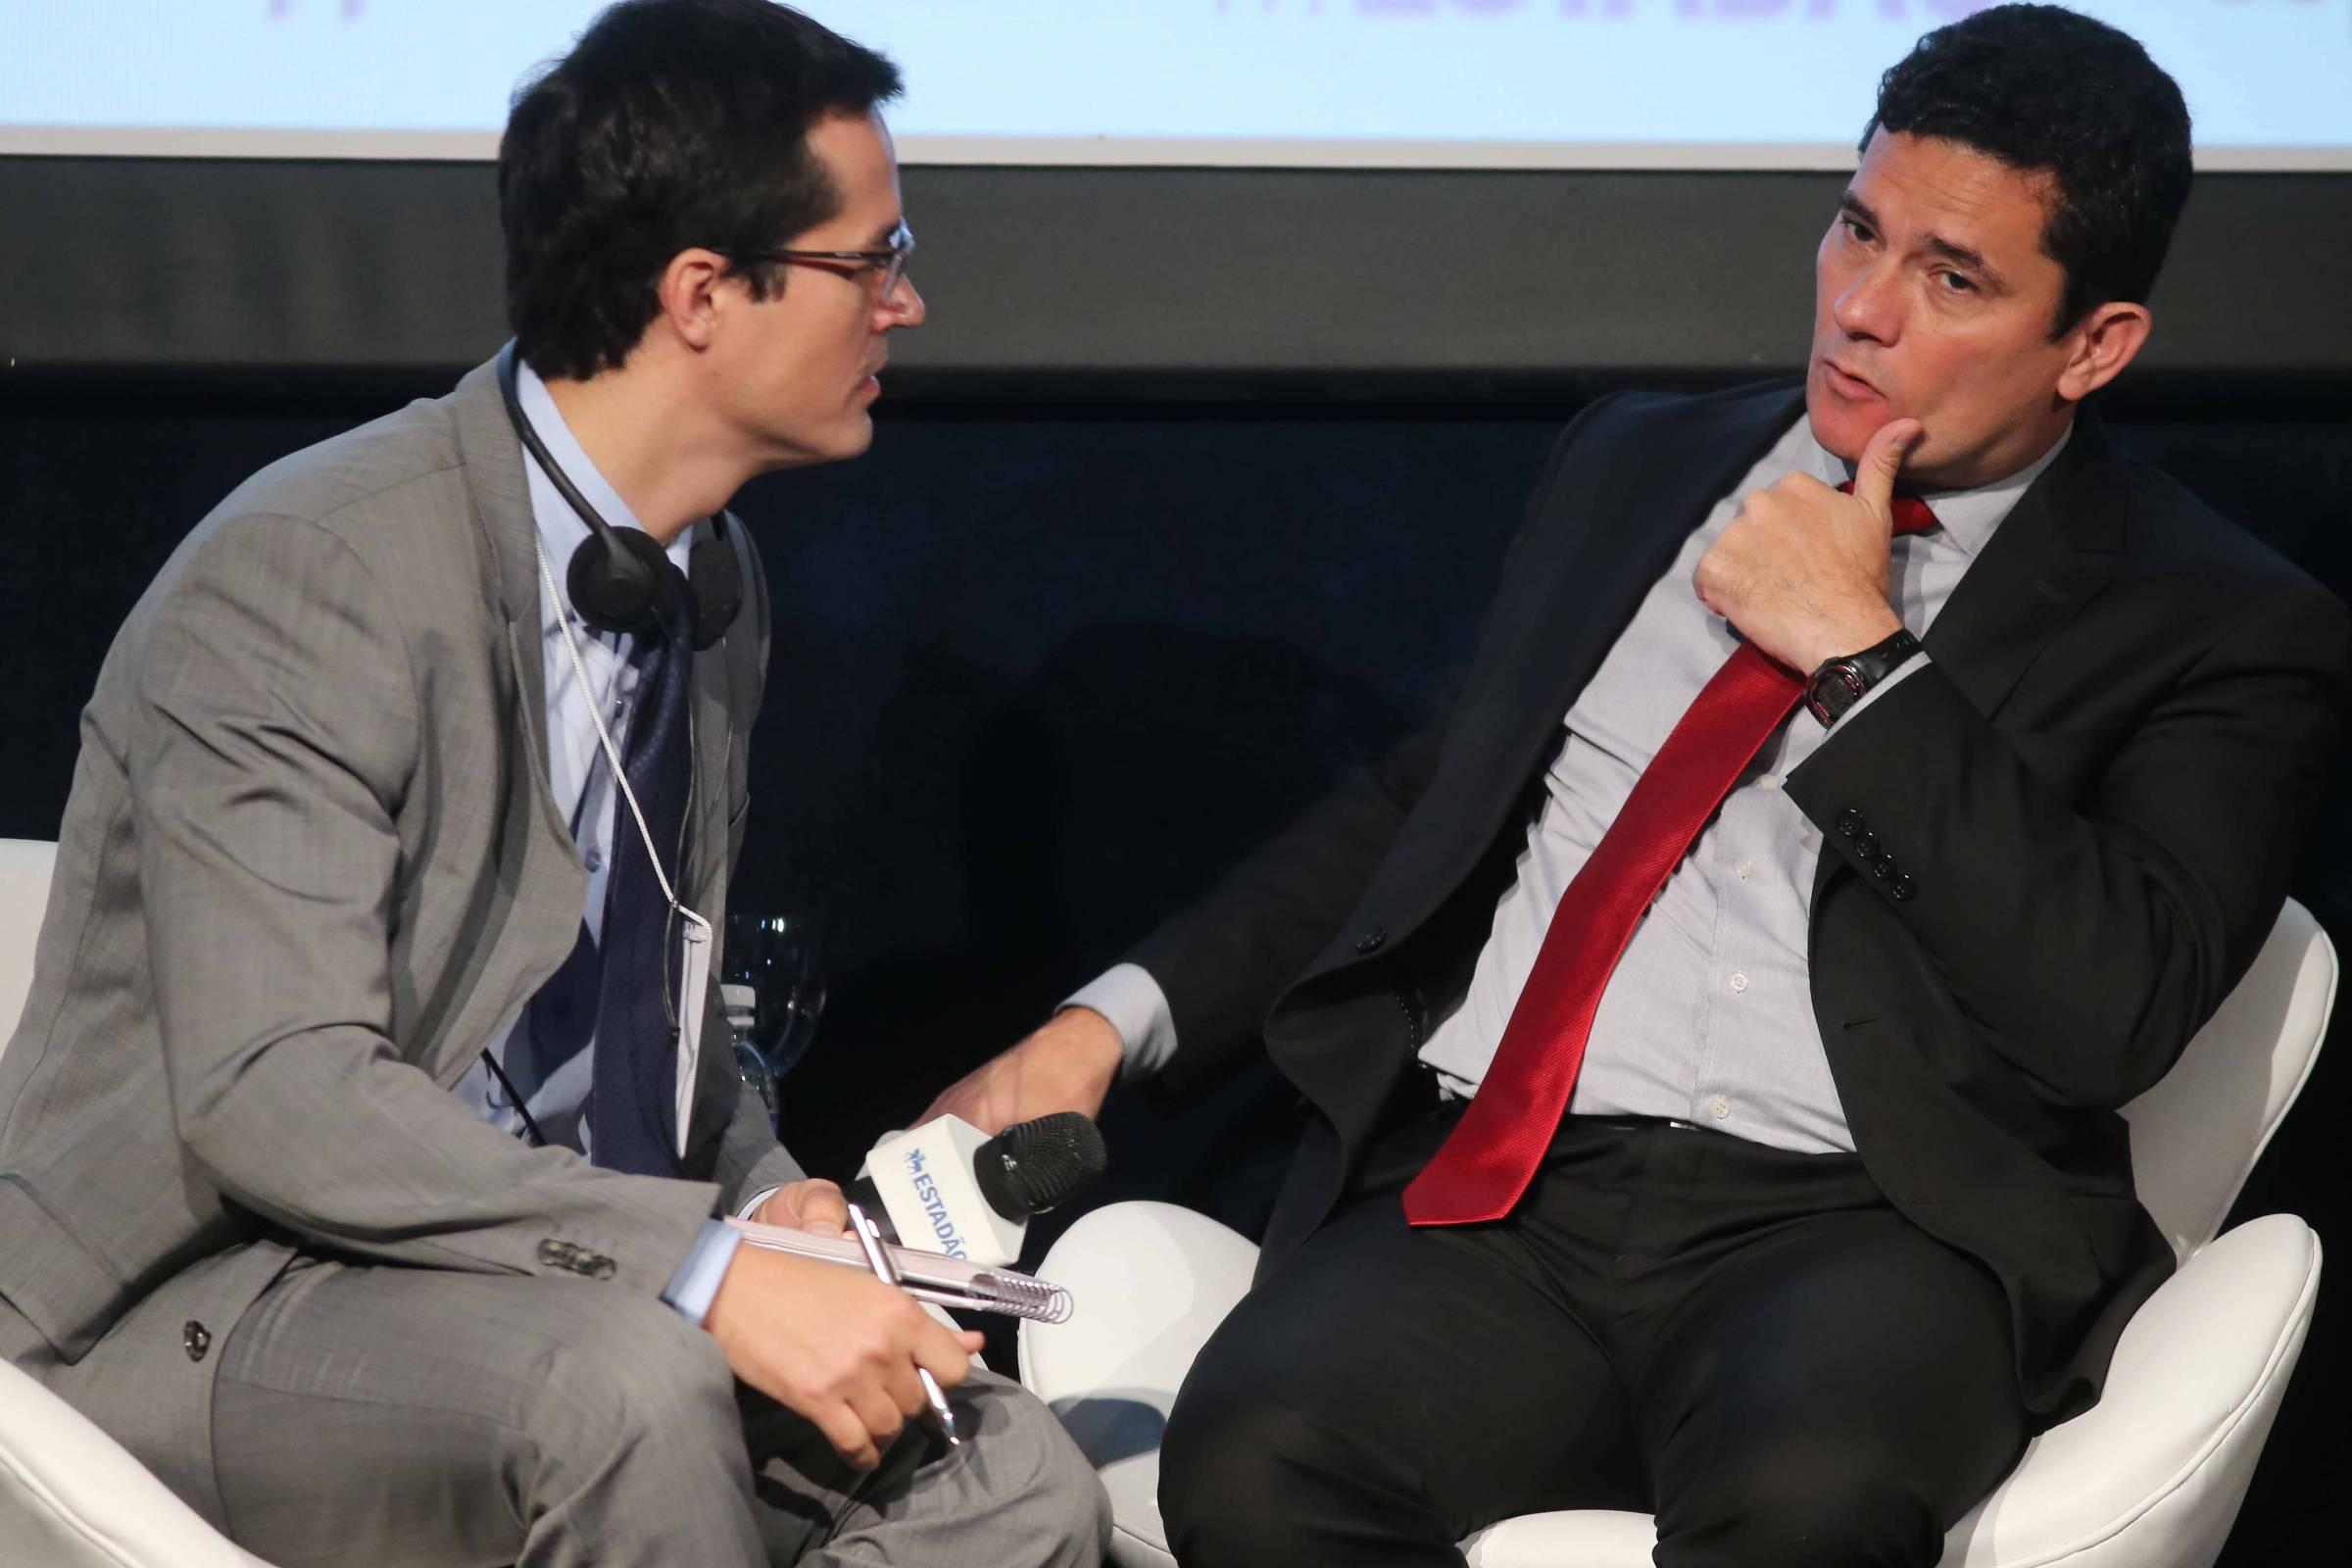 Janio de Freitas: Habituados às delações traidoras, integrantes da Lava Jato se delataram em gravações